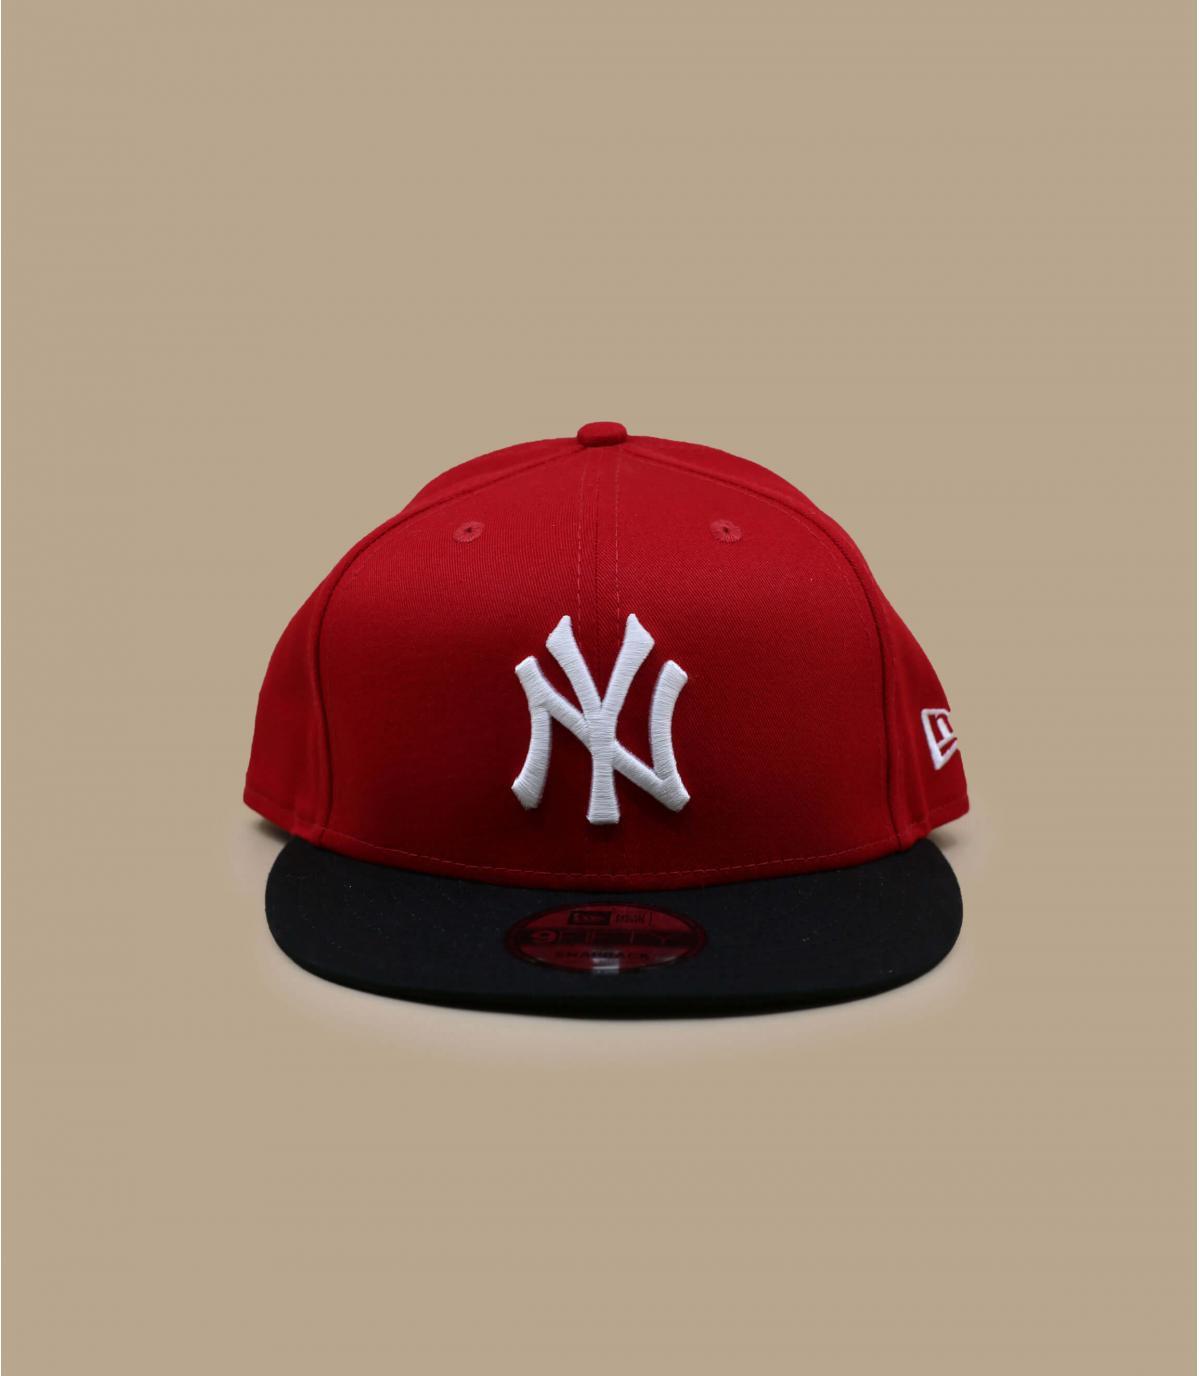 Détails Snapback NY rouge noire - image 2